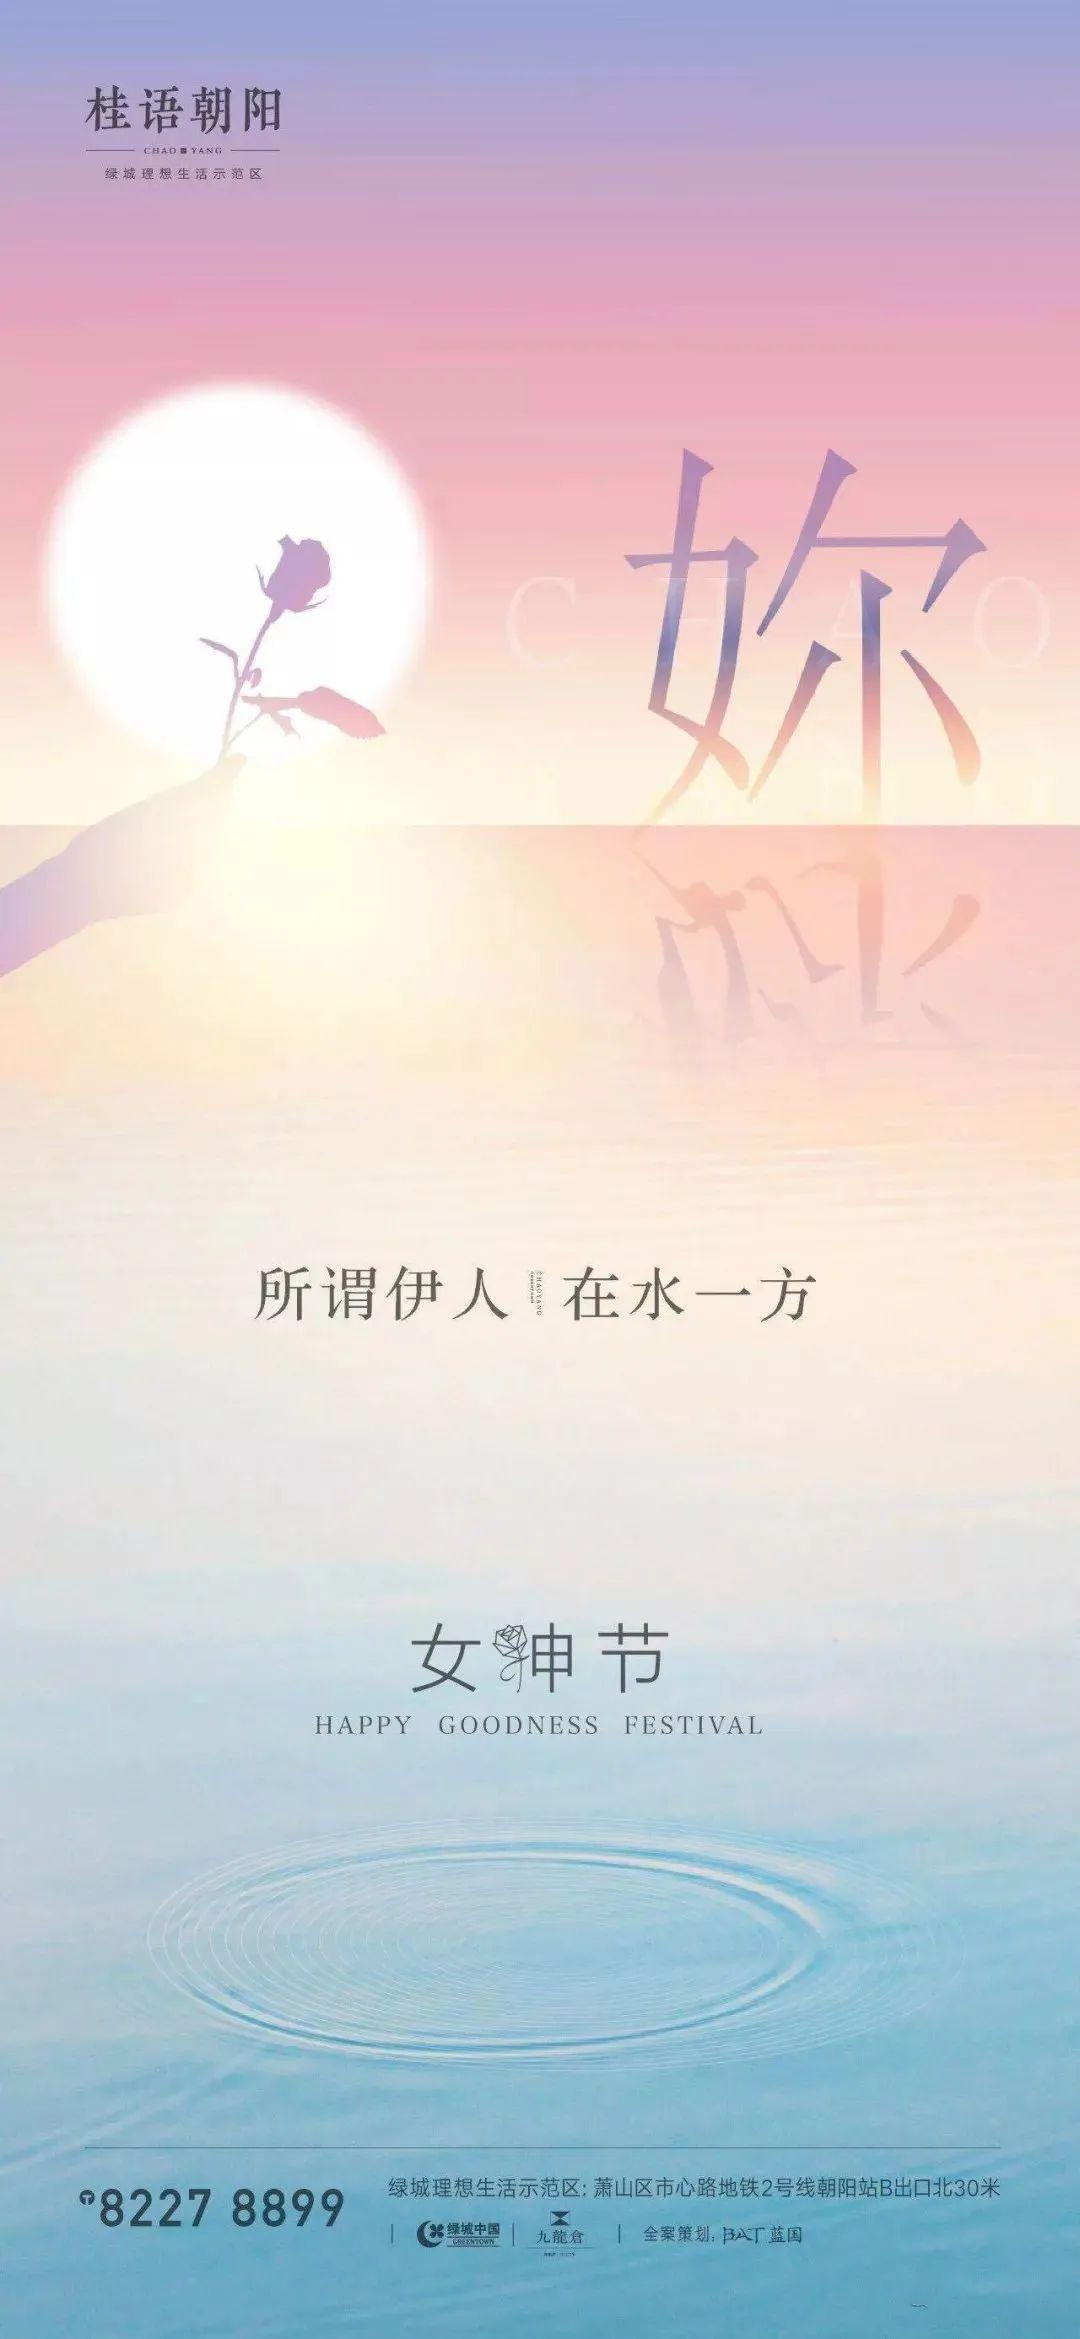 三八女神节 | 文案祝福:愿以美好,呵护你的高光!插图13